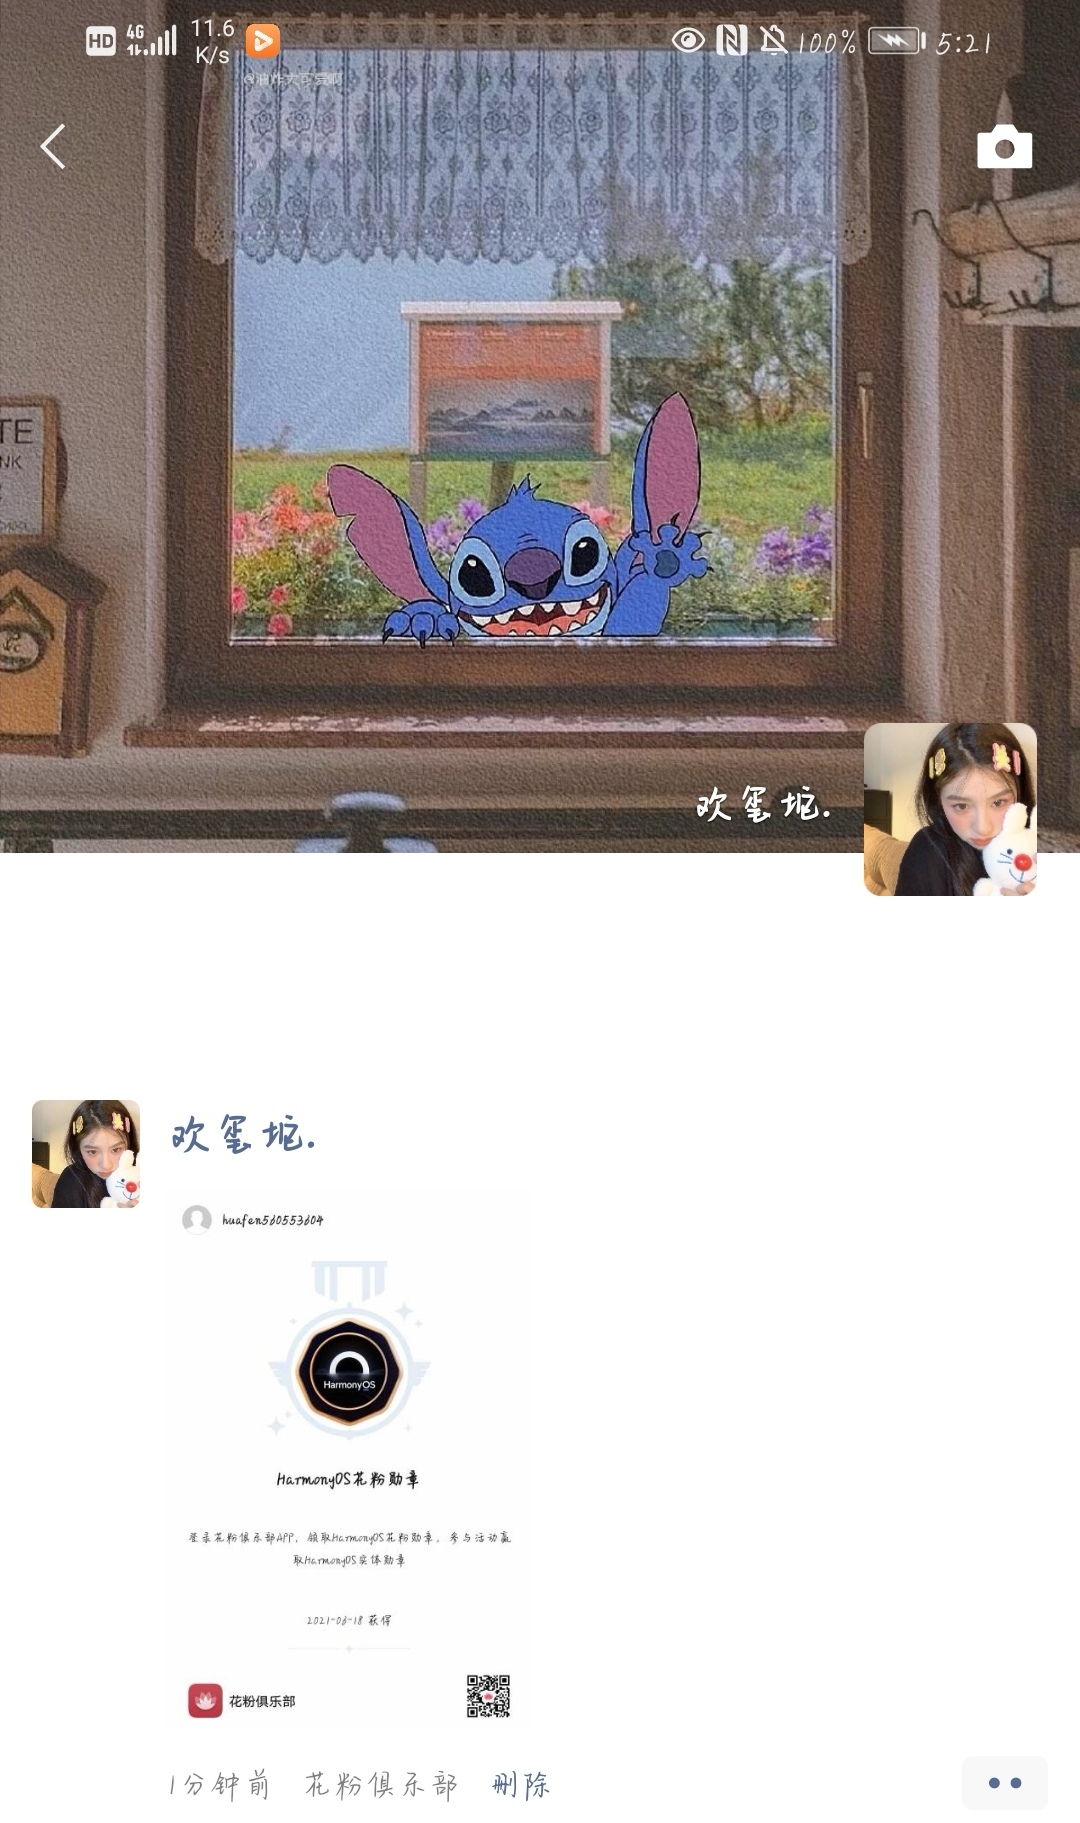 Screenshot_20210618_172216.jpg